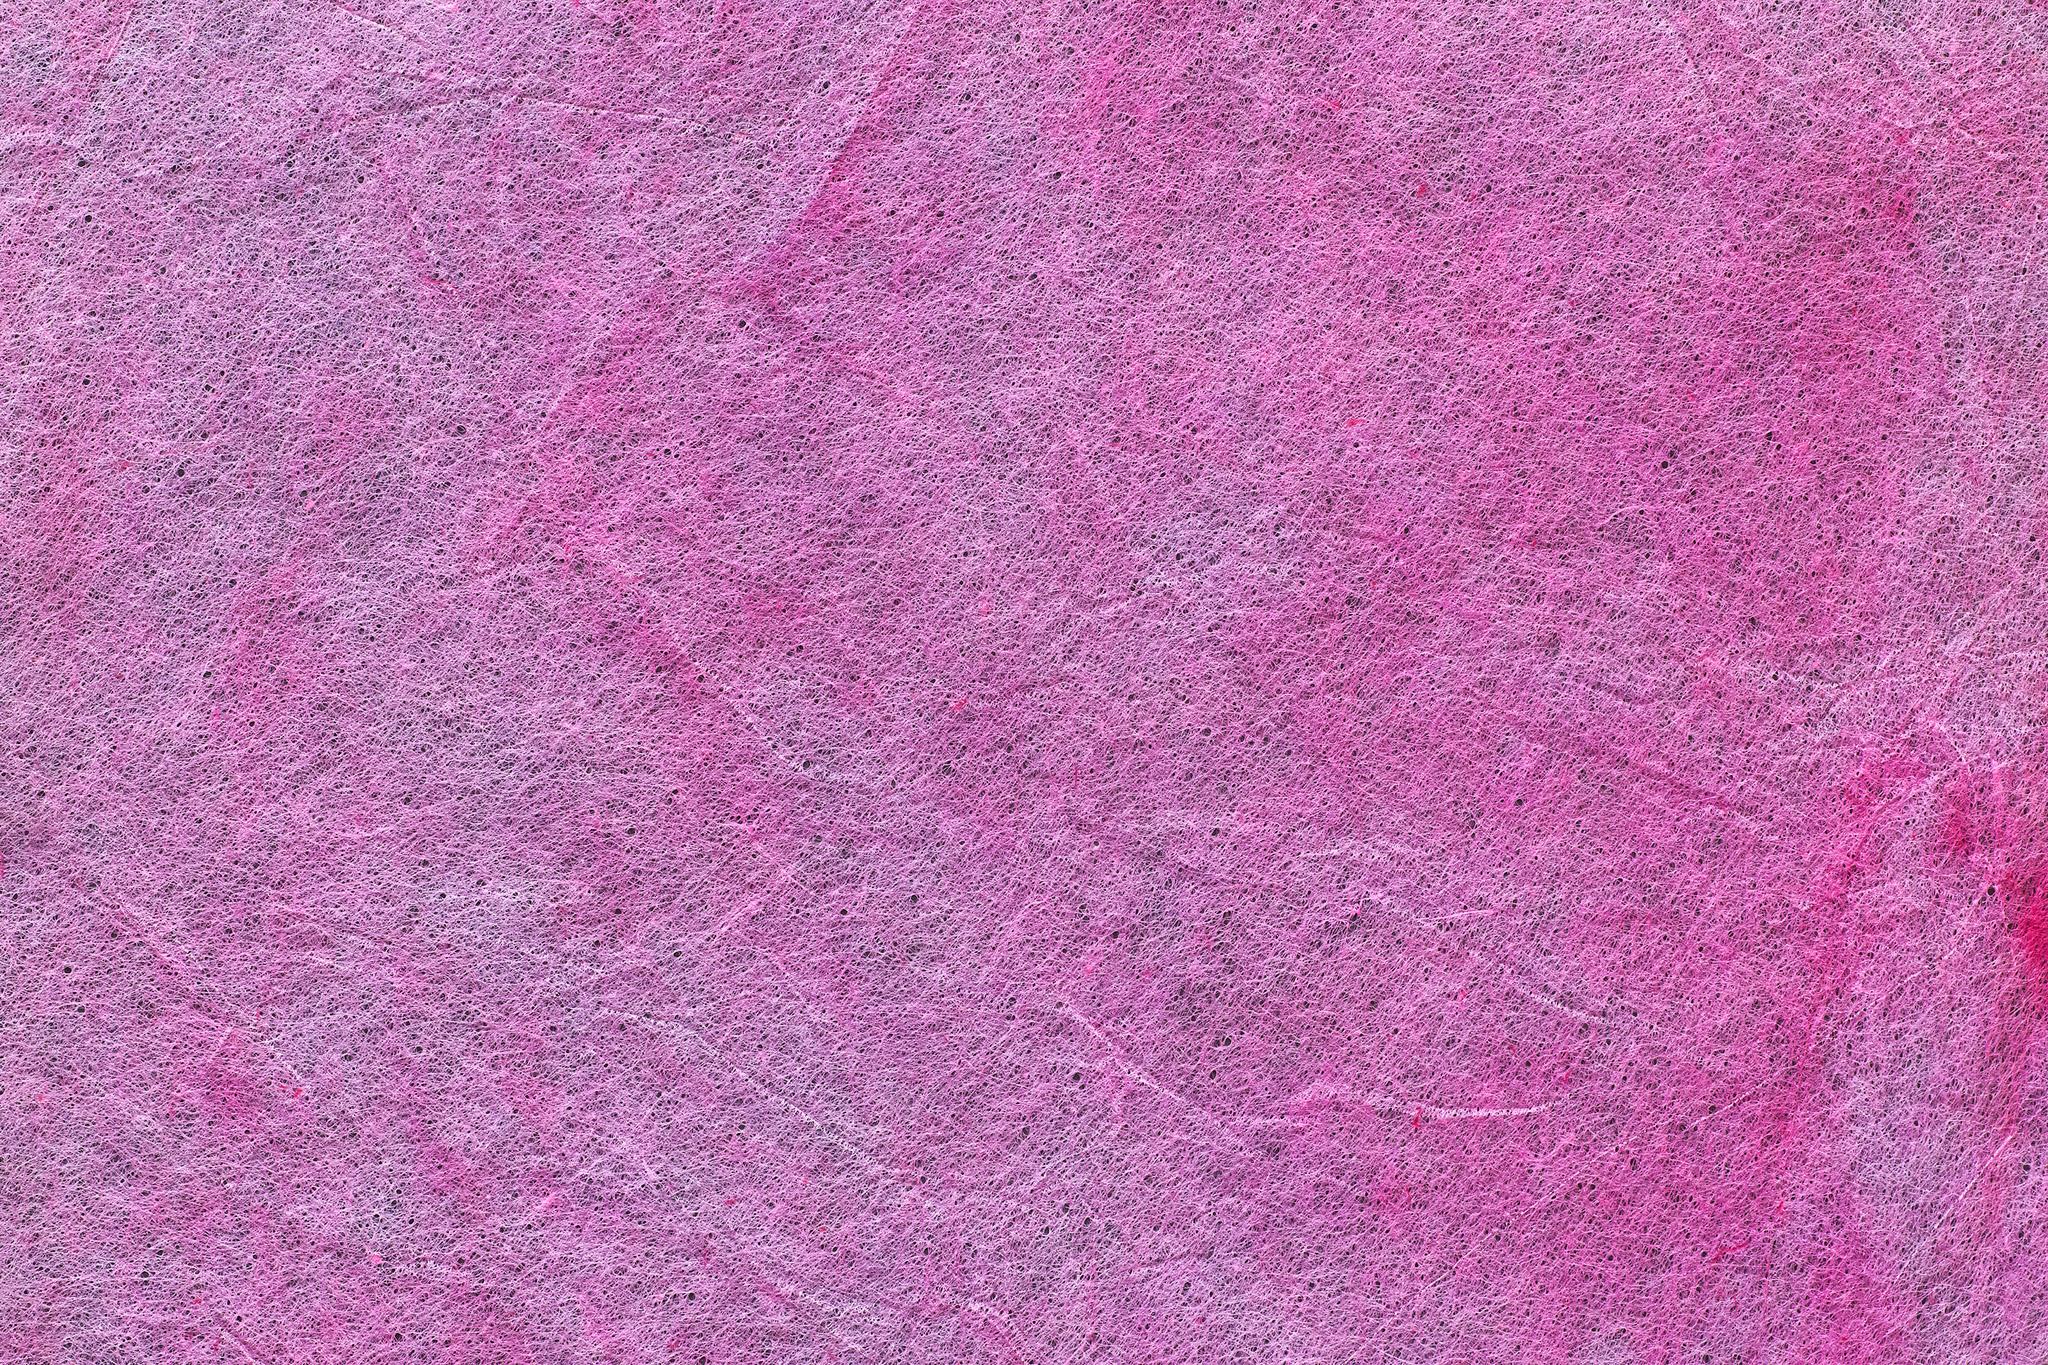 「大きな筋のある牡丹色の和紙」の画像を無料ダウンロード